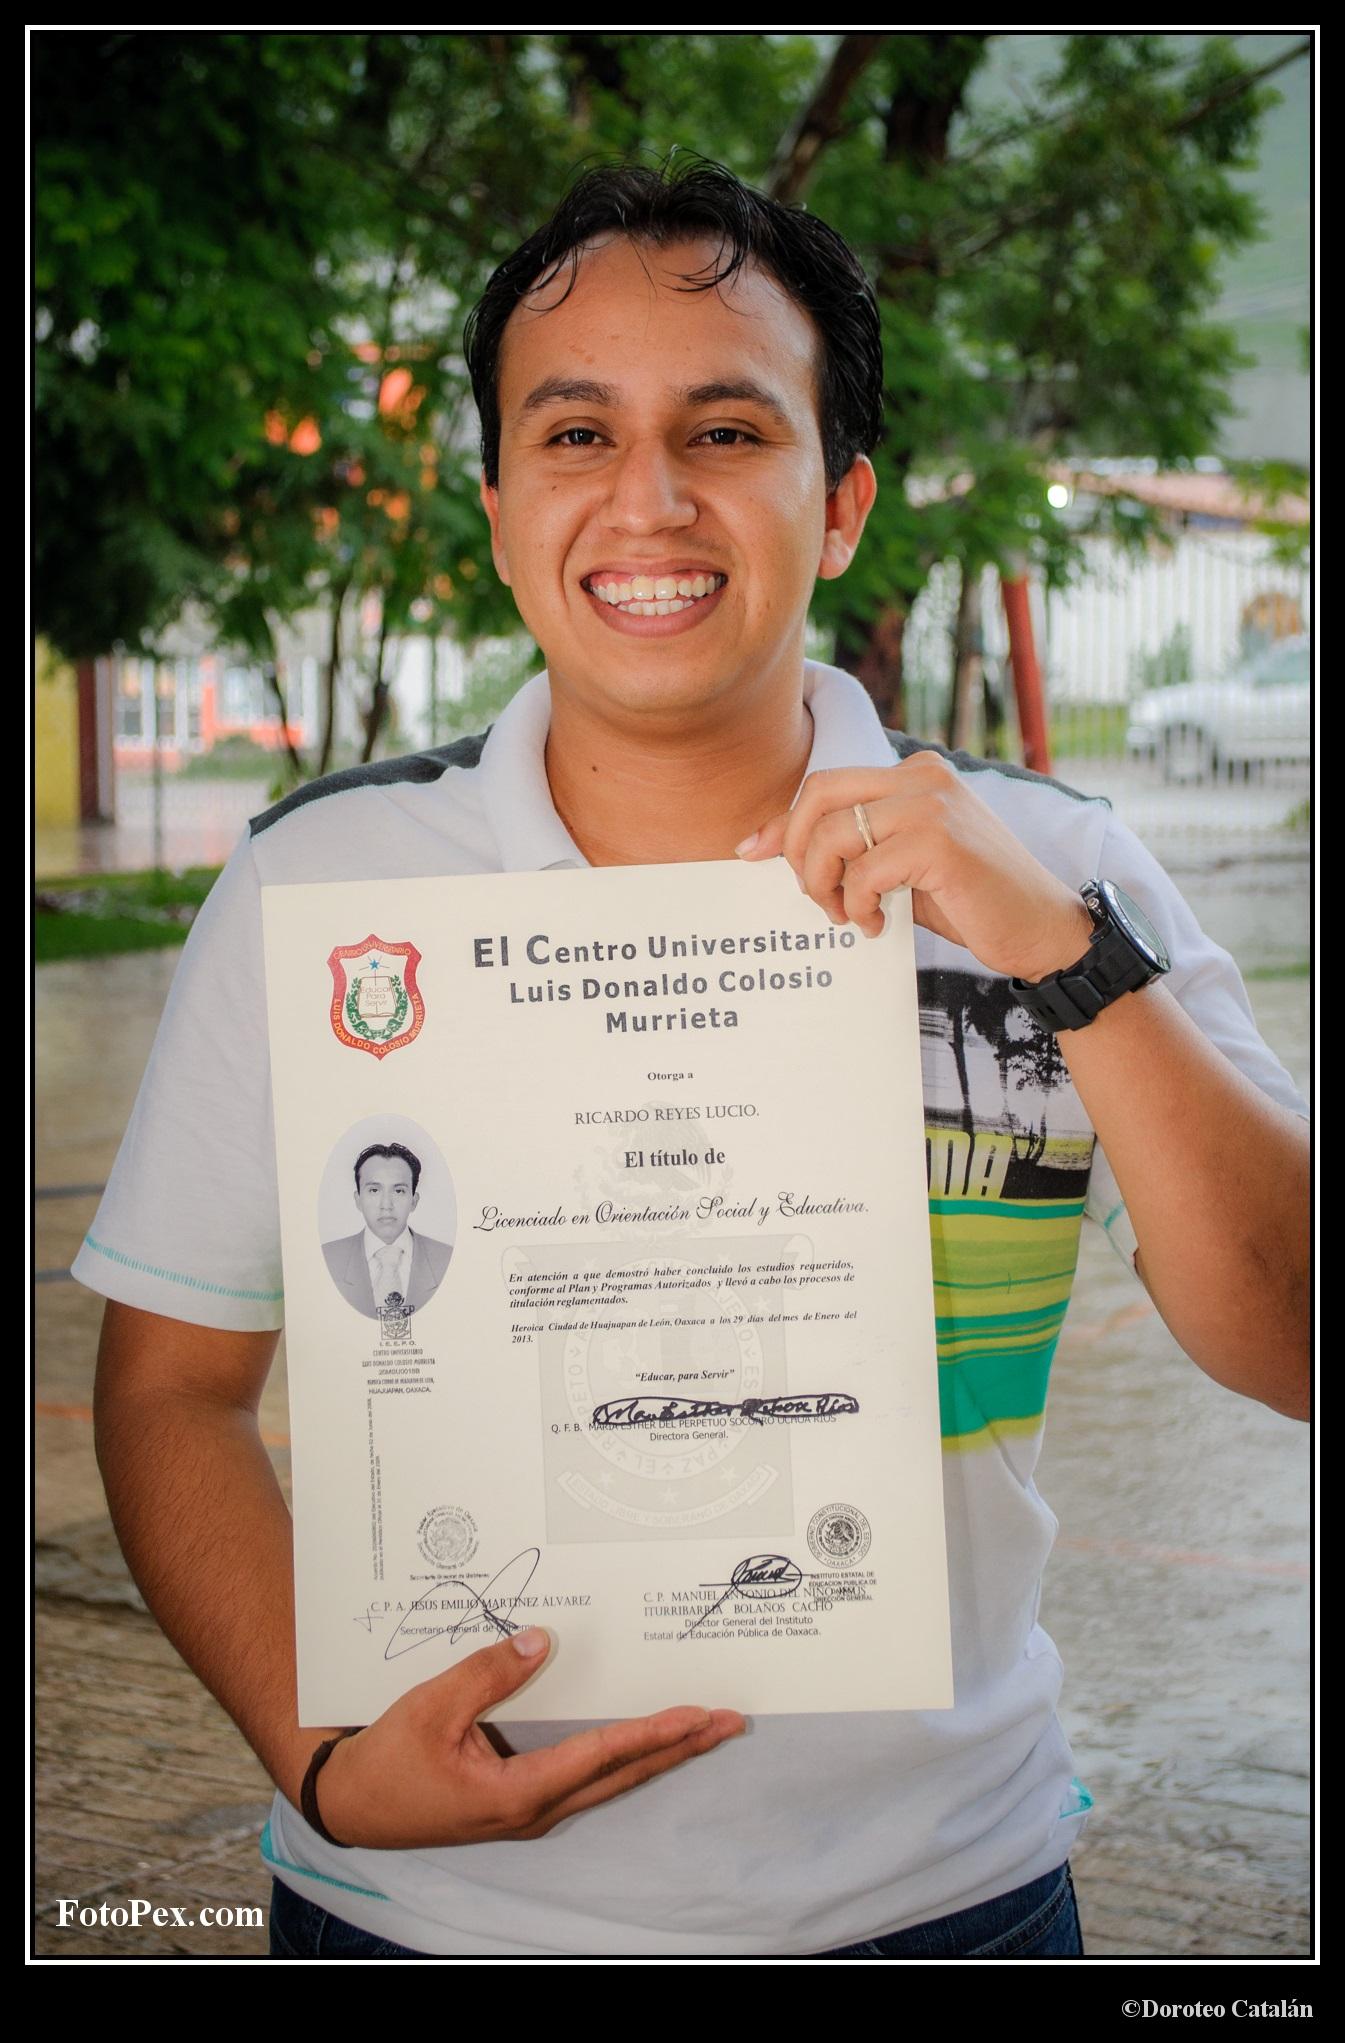 Lic. Ricardo Reyes Lucio